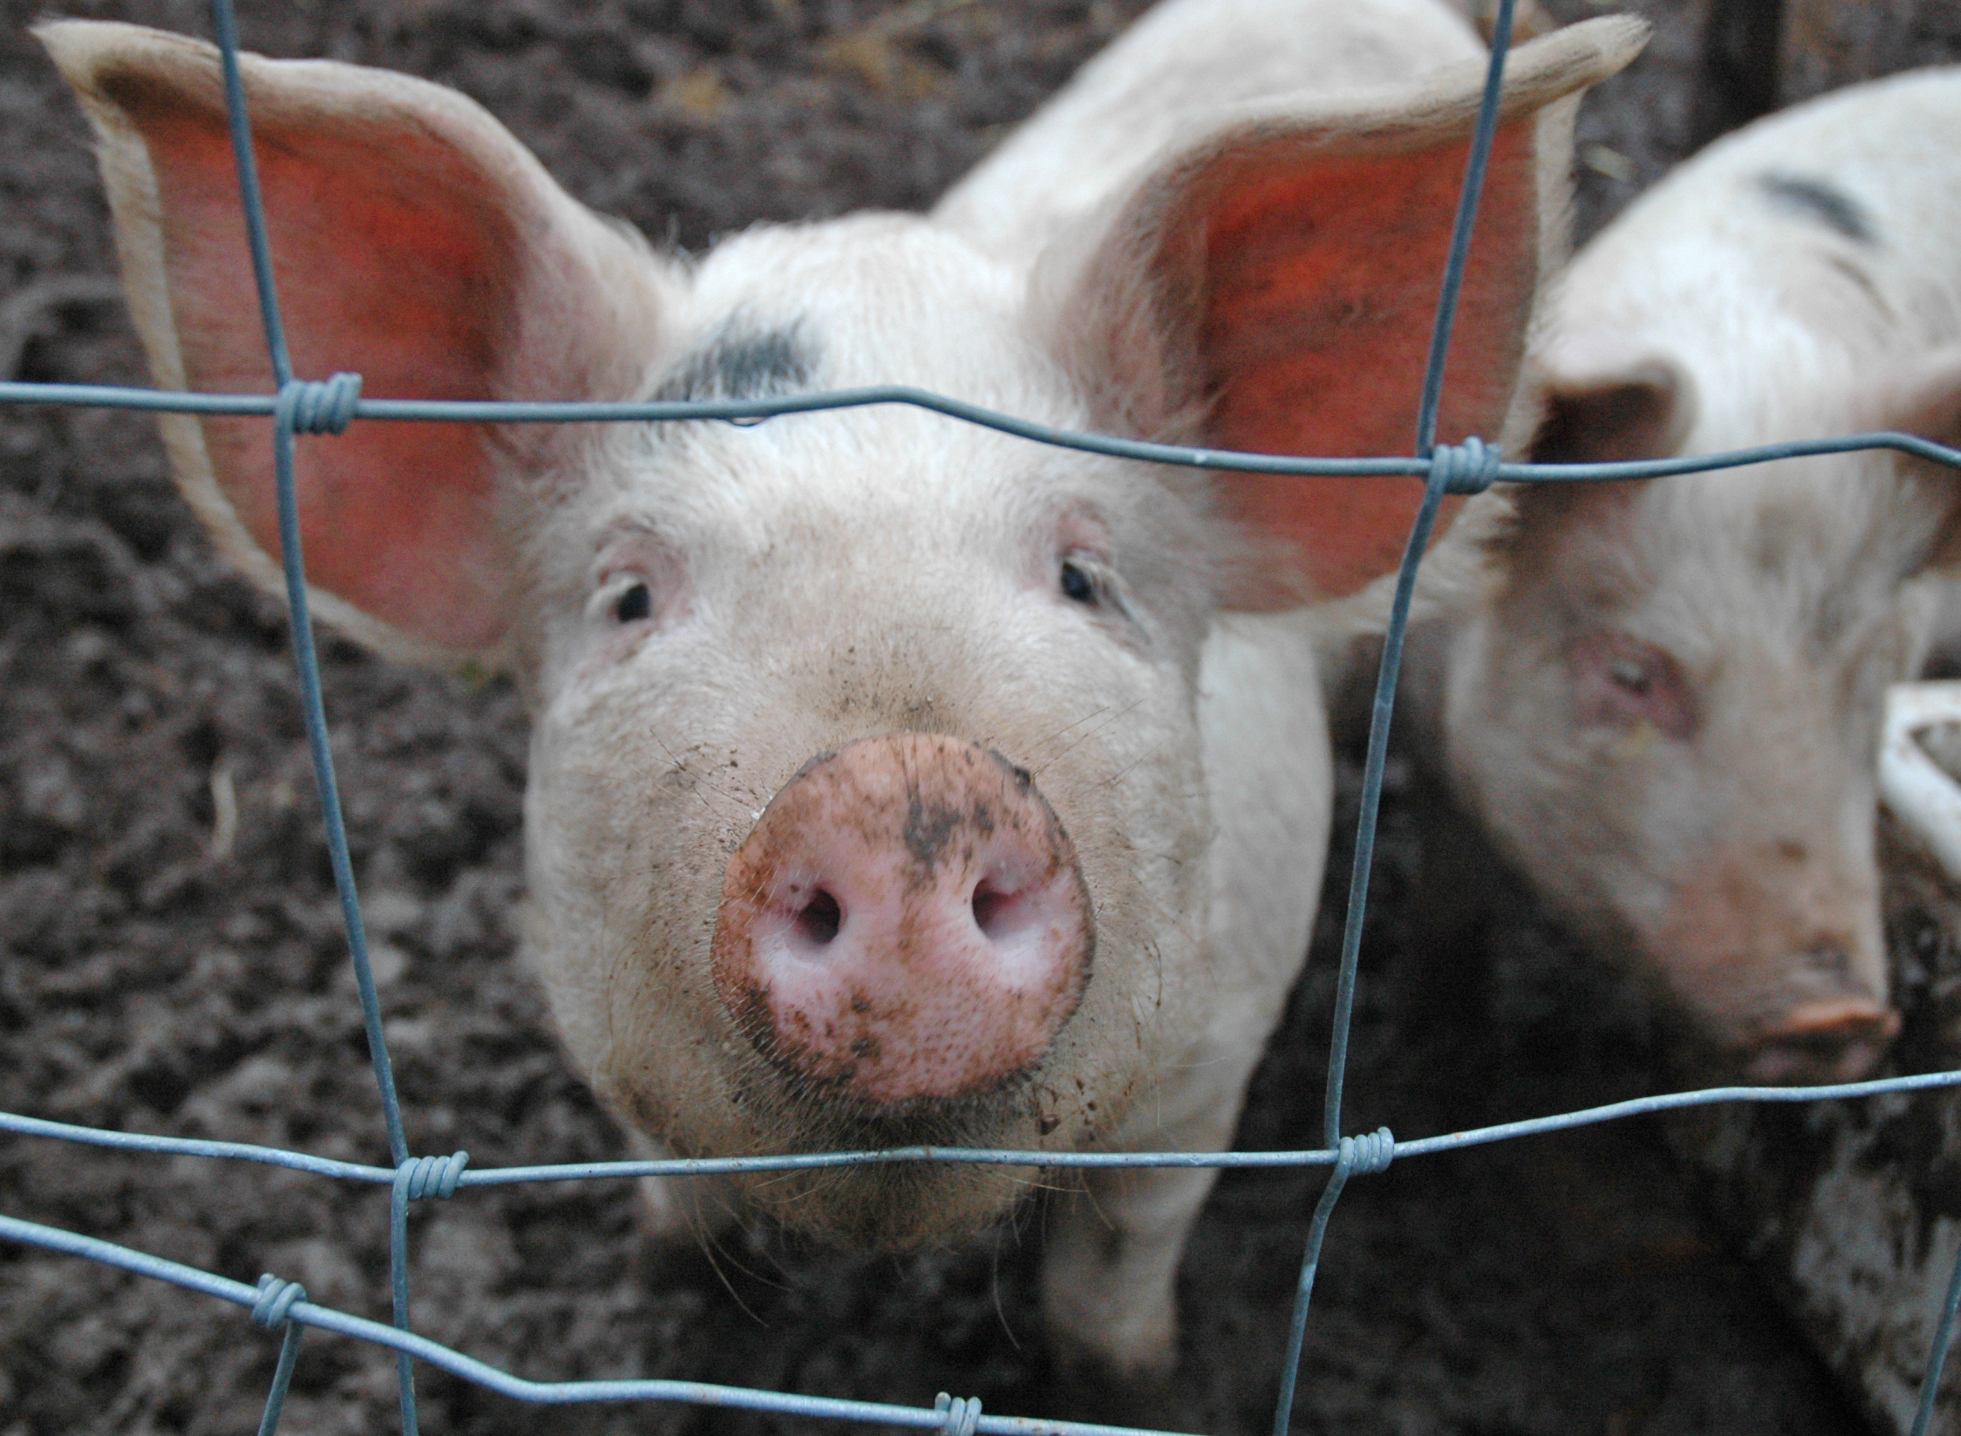 африканская чума свиней ярославль 2016 Китае Бахрейне поменяются